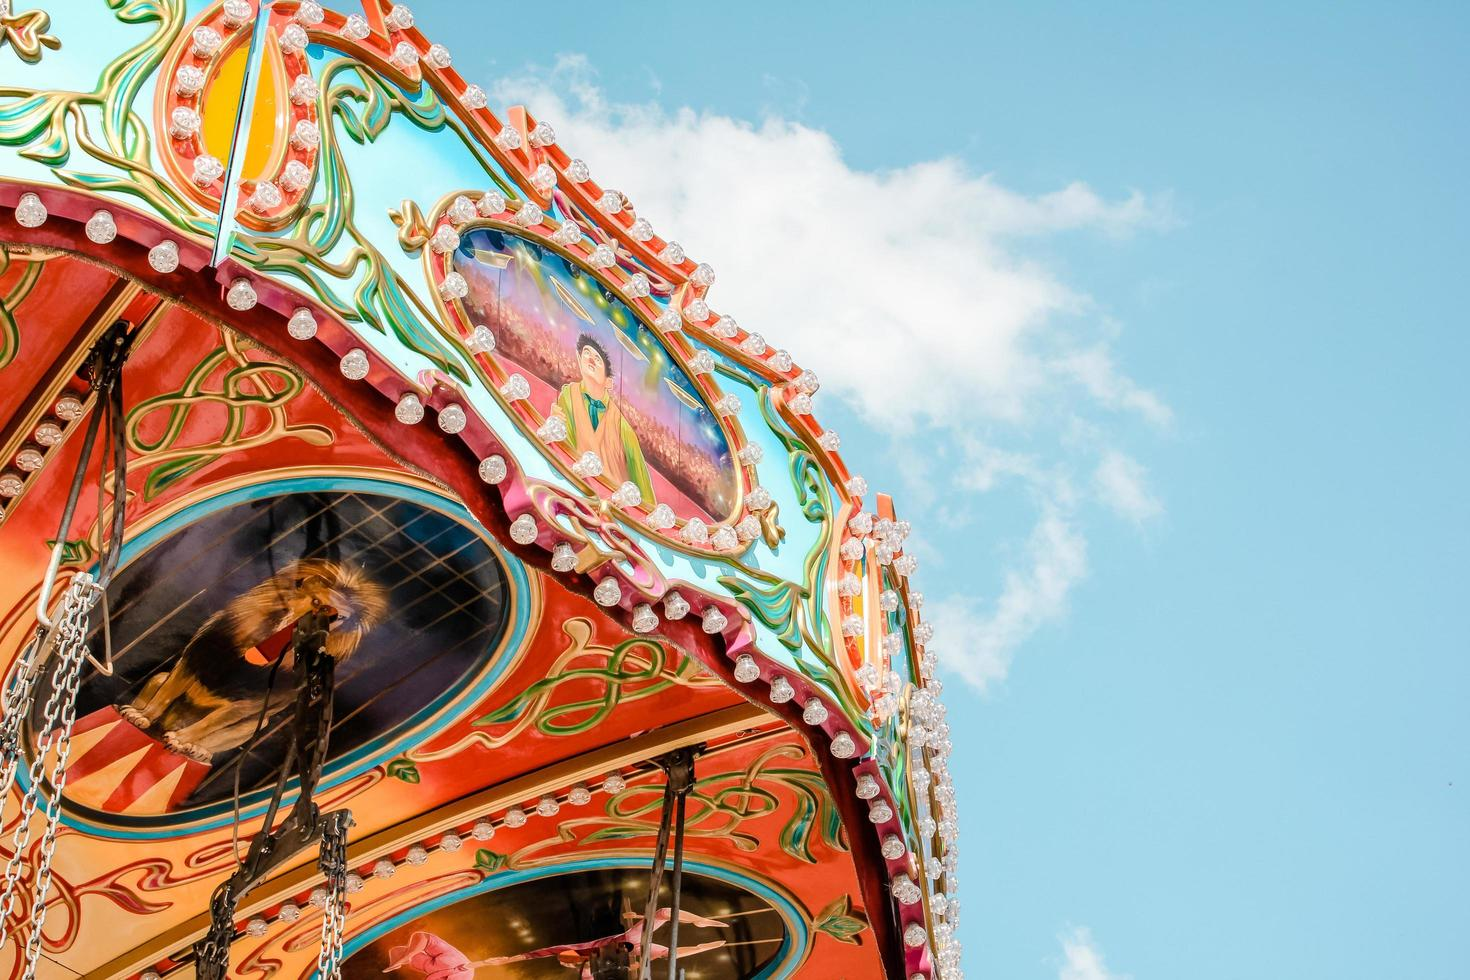 färgglad nöjesfärd mot blå himmel foto